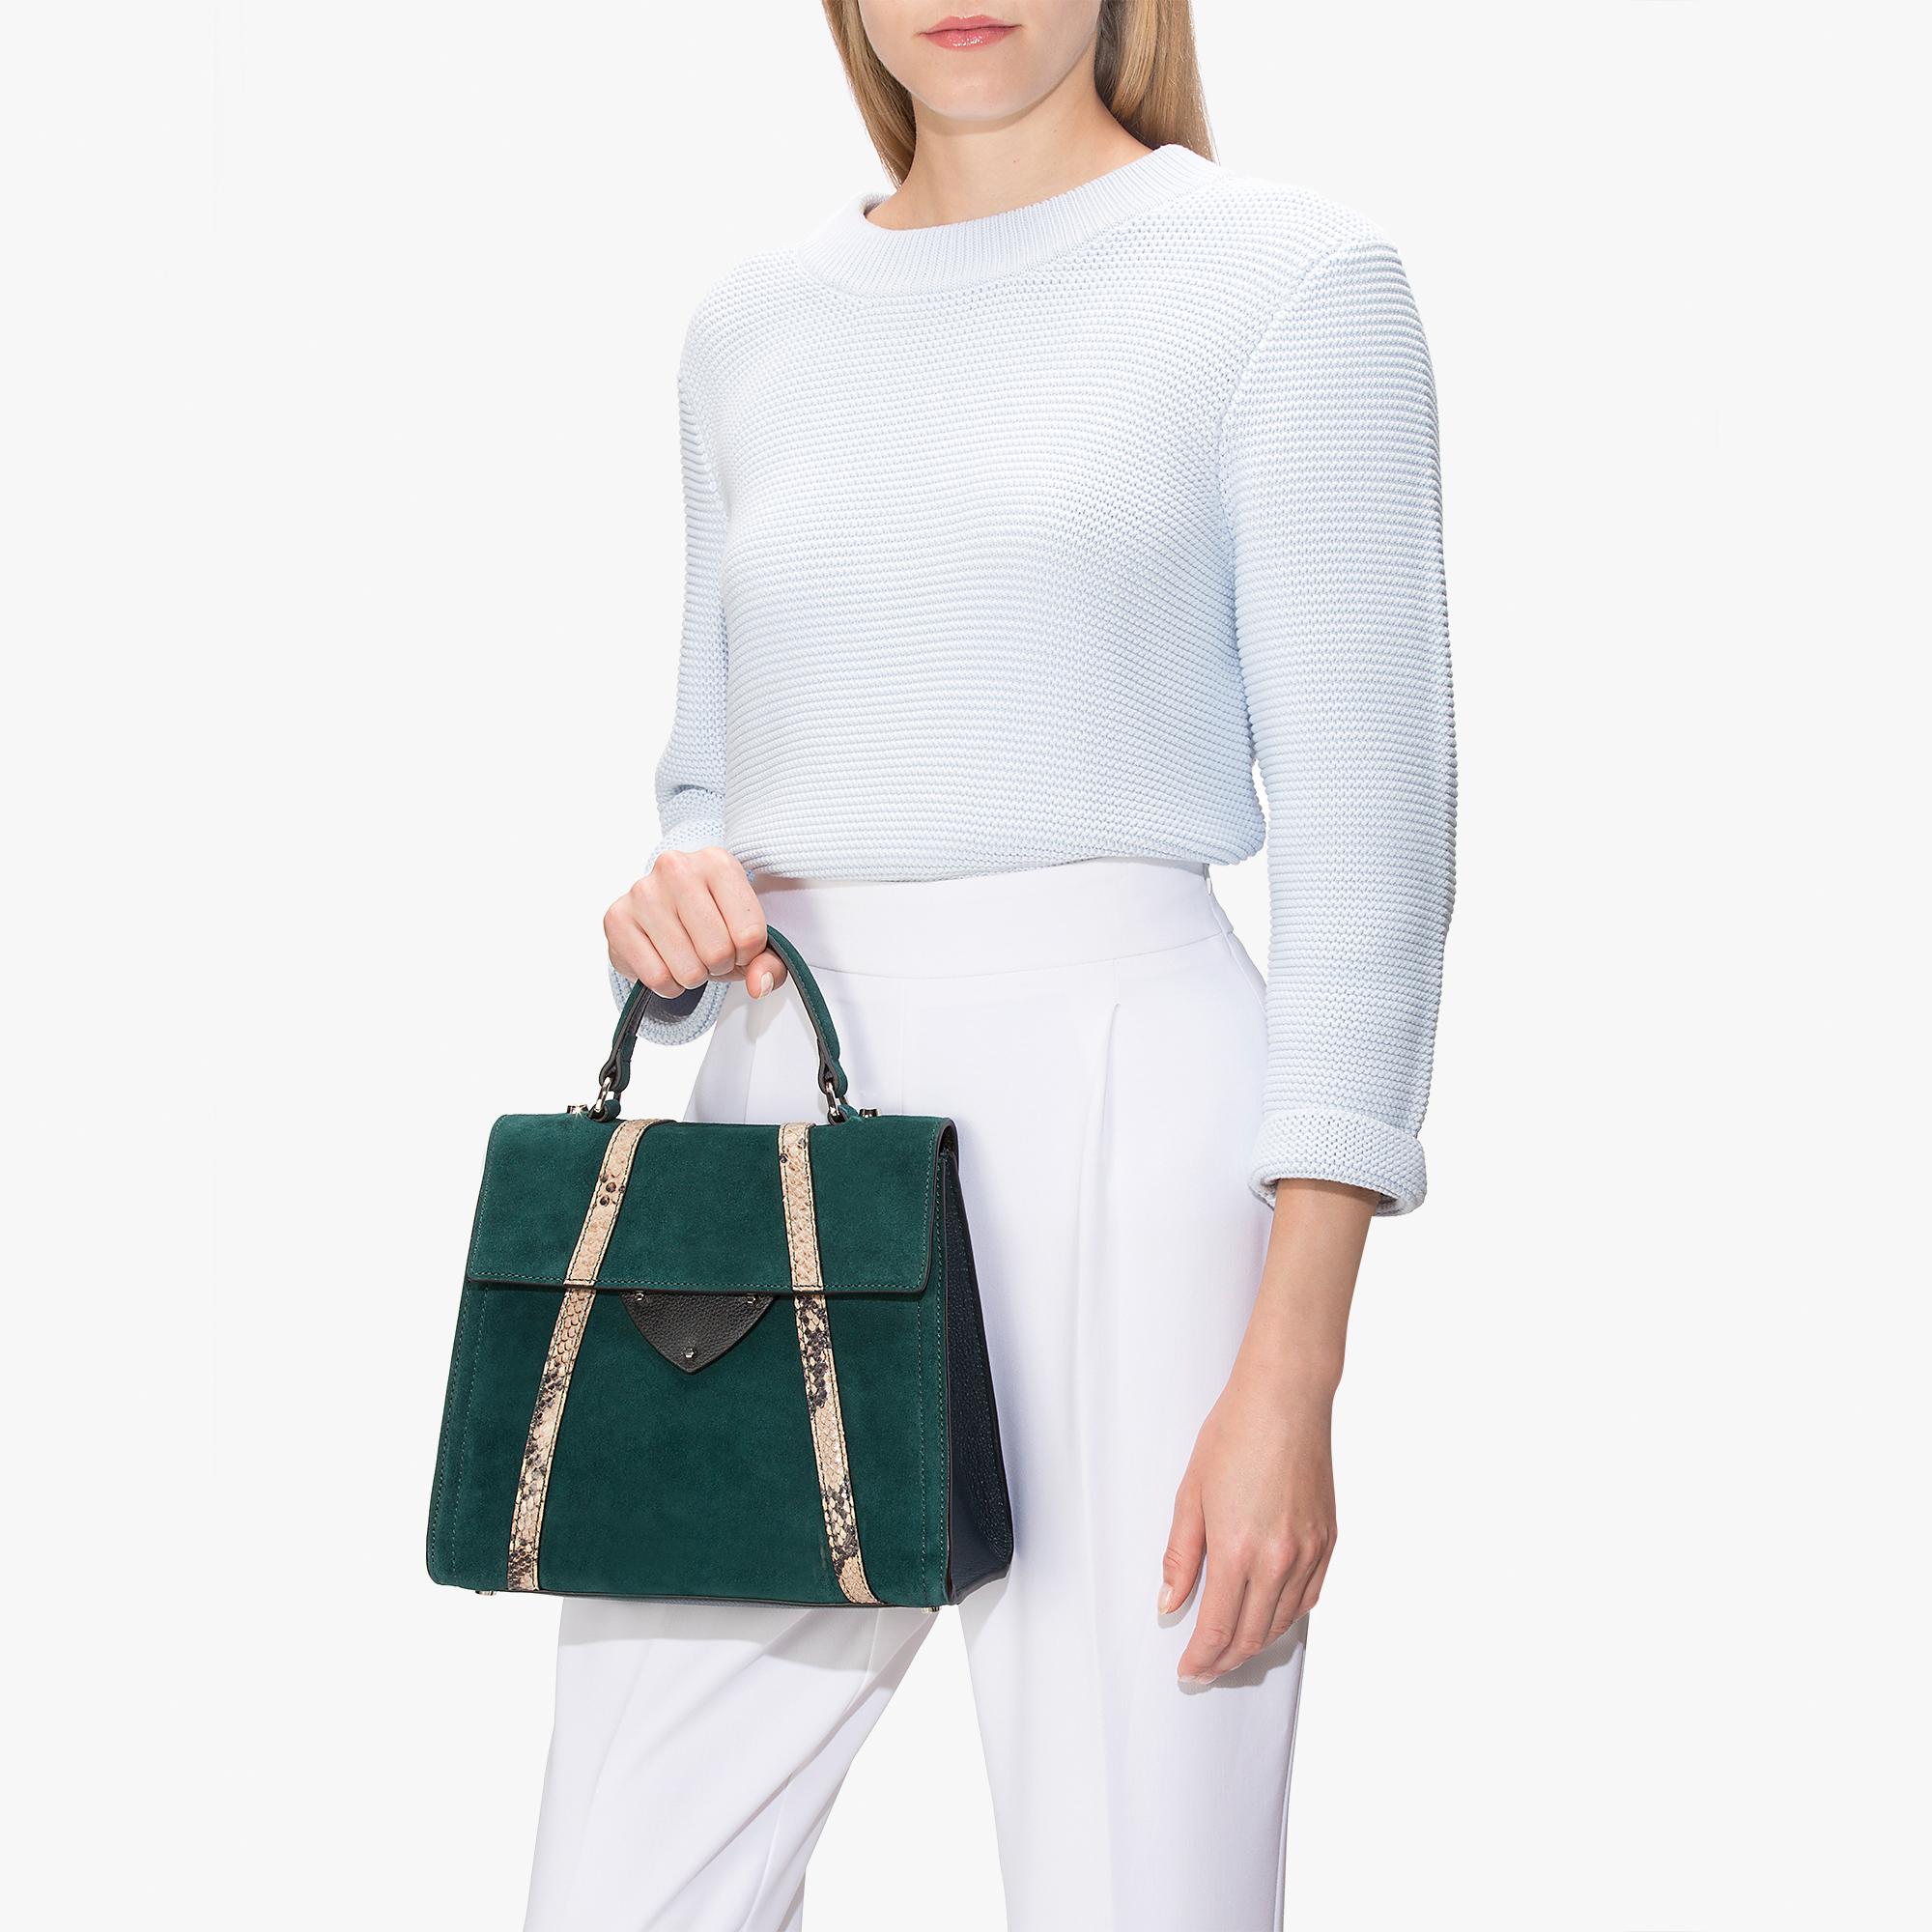 Coccinelle B14 suede handbag